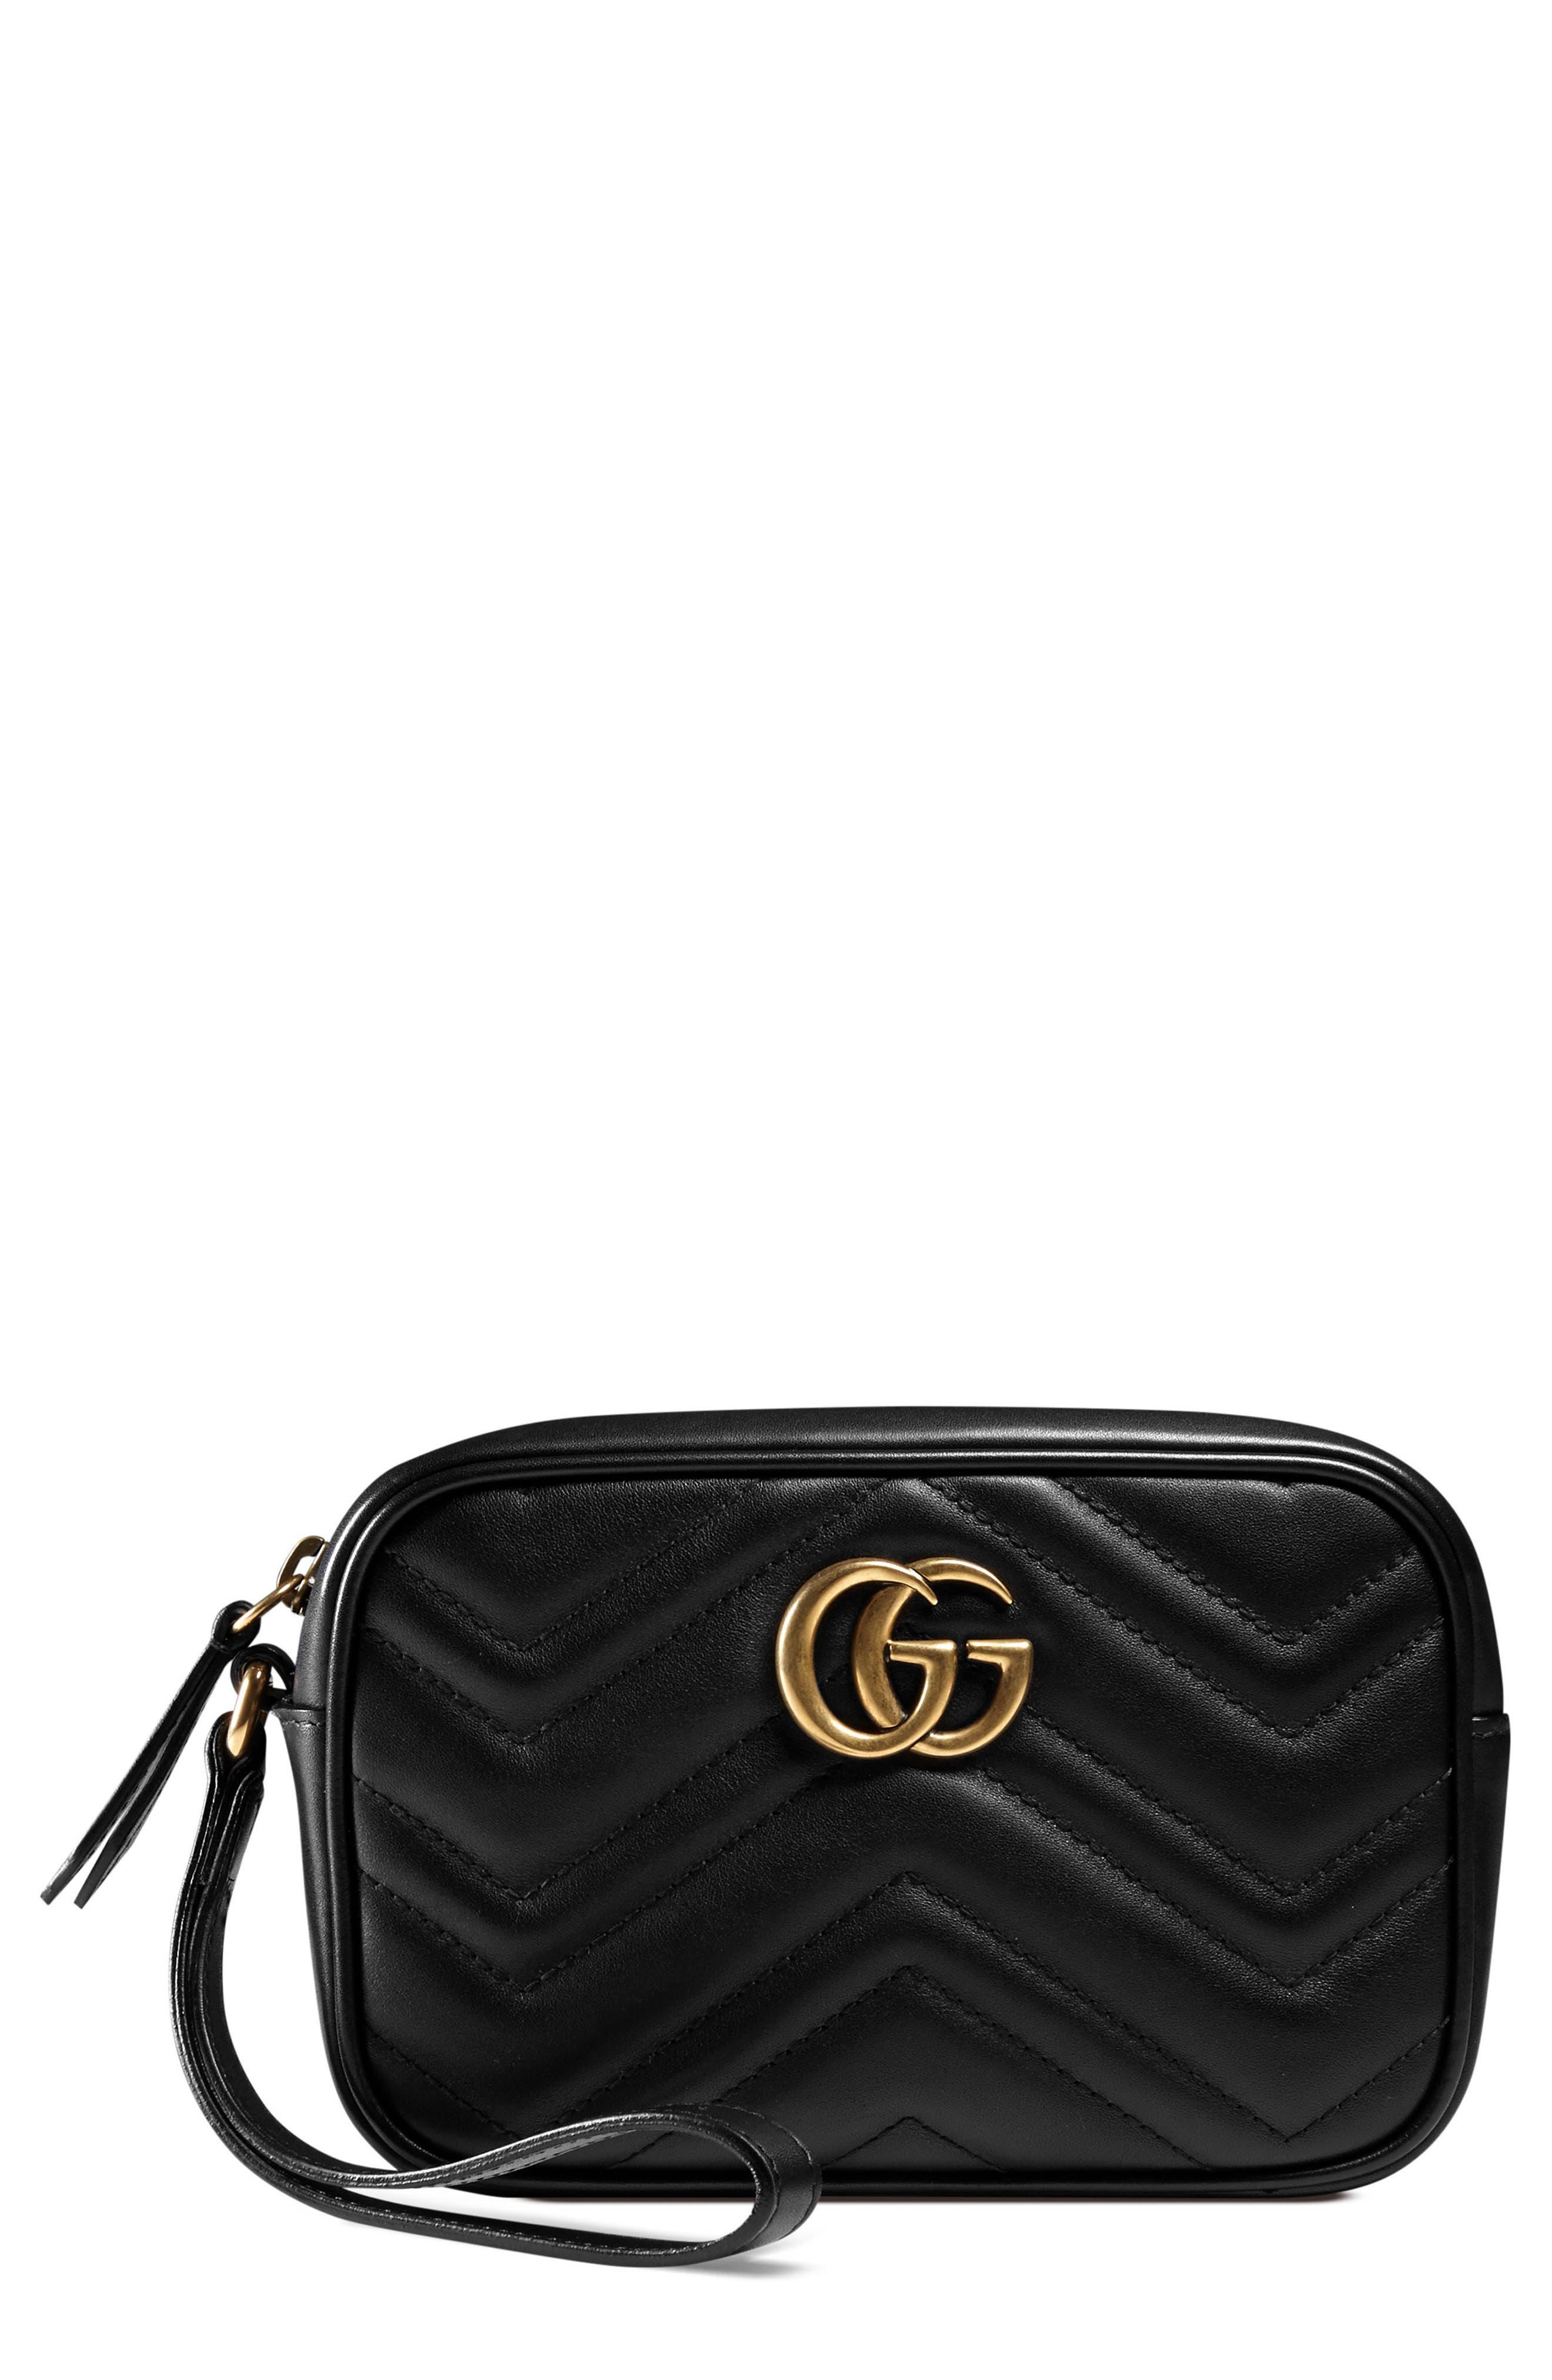 GG Marmont Matelassé Imitation Pearl Leather Shoulder Bag,                             Main thumbnail 1, color,